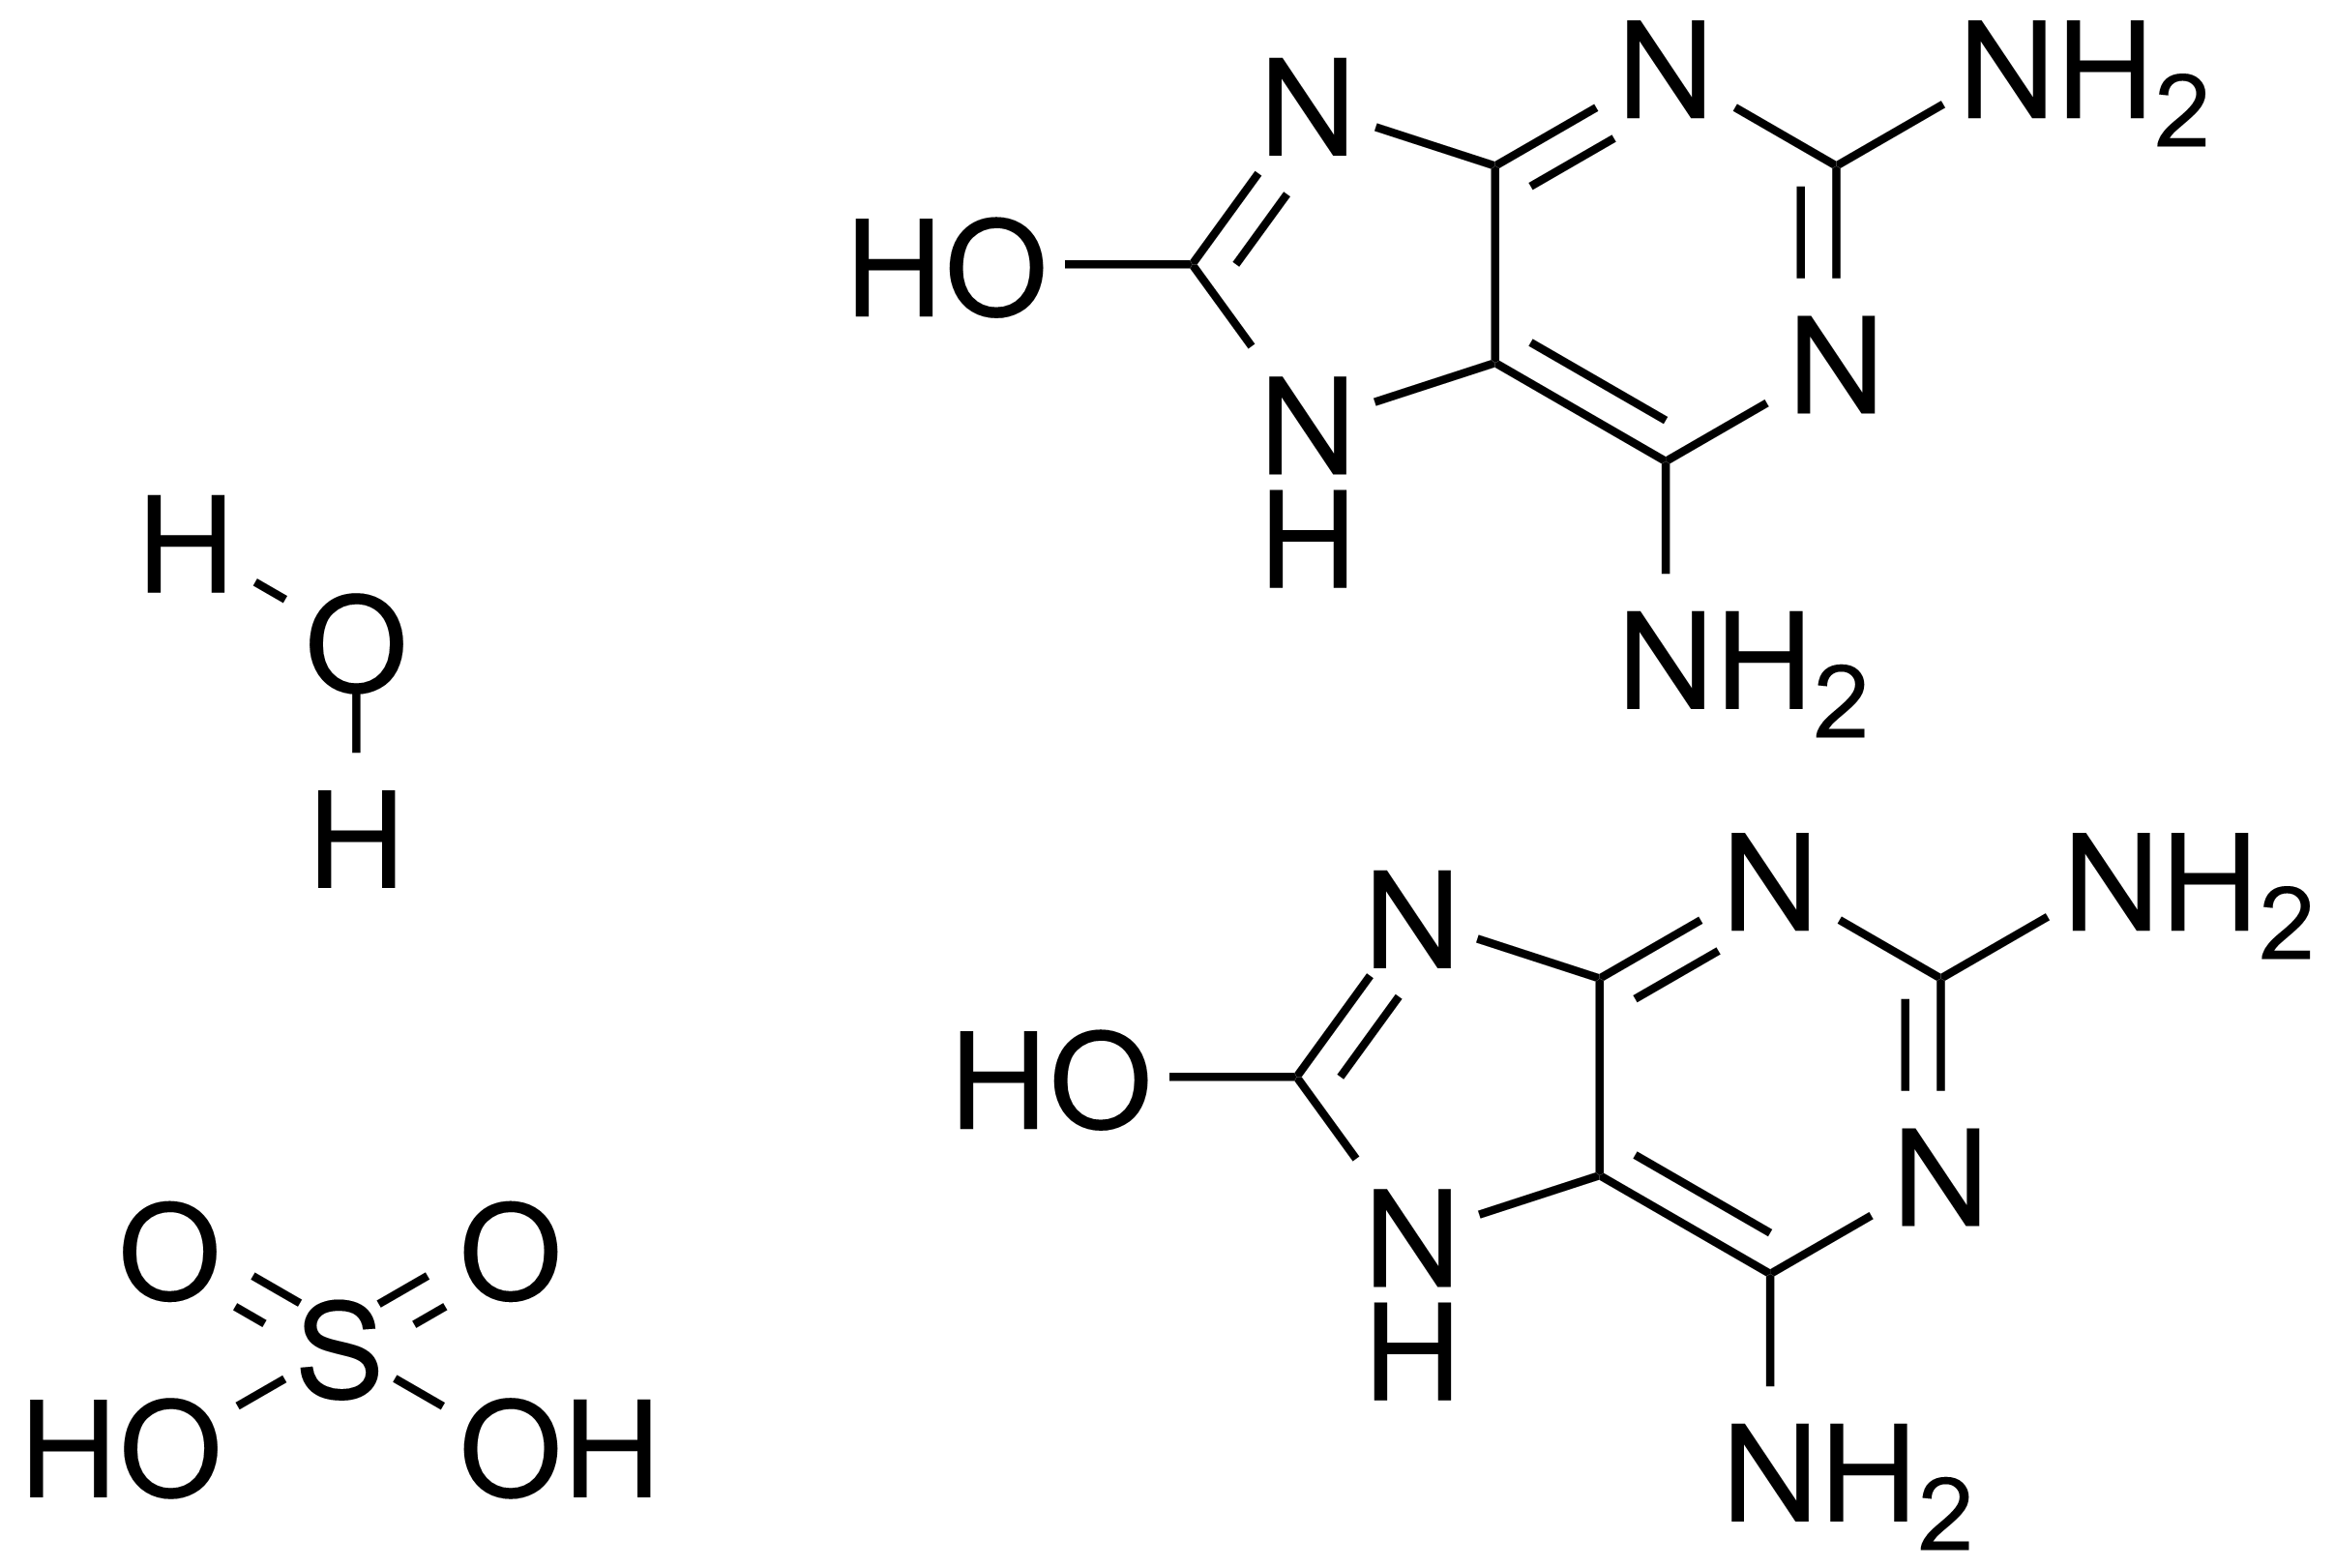 Structure of 2,6-Diamino-8-purinol hemisulfate monohydrate